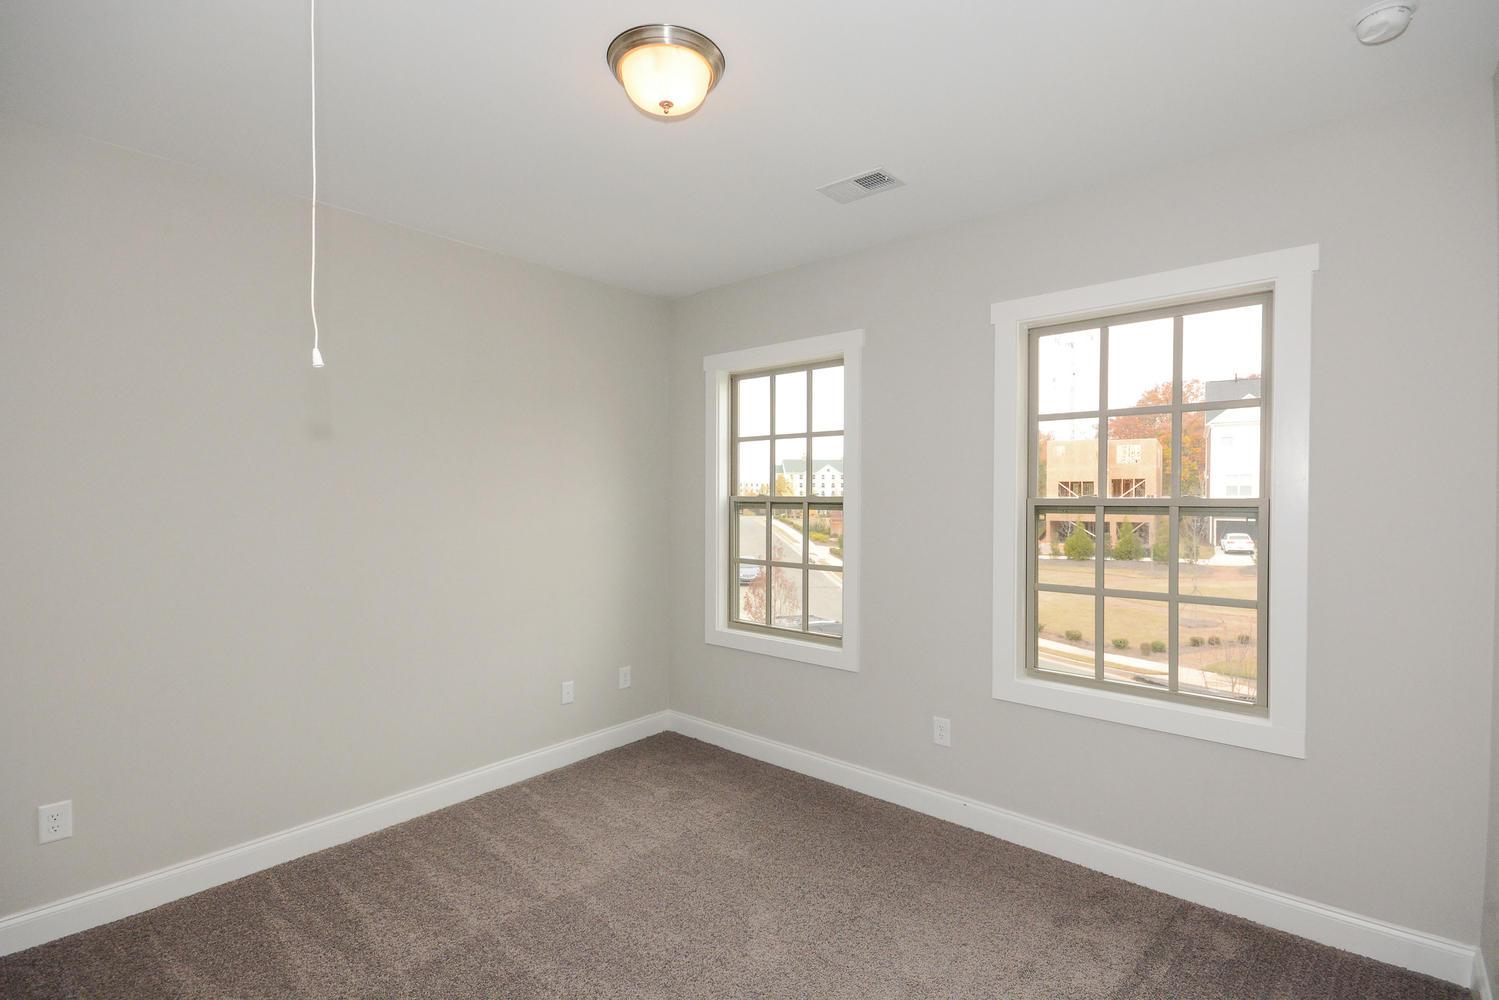 Dunes West Homes For Sale - 2949 Minnow, Mount Pleasant, SC - 6